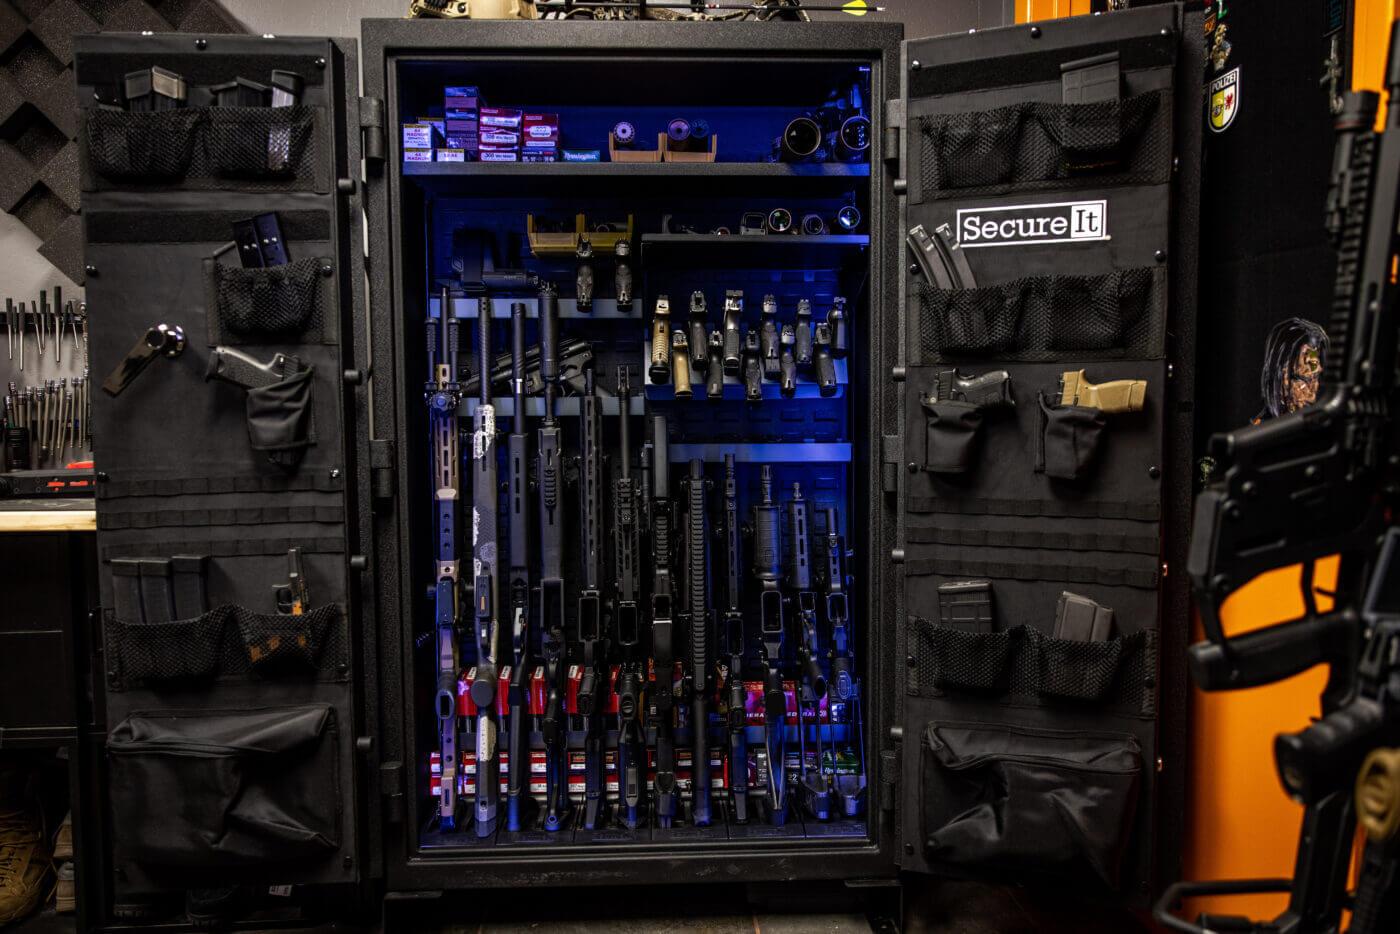 Swing out doors on SecureIt gun safe